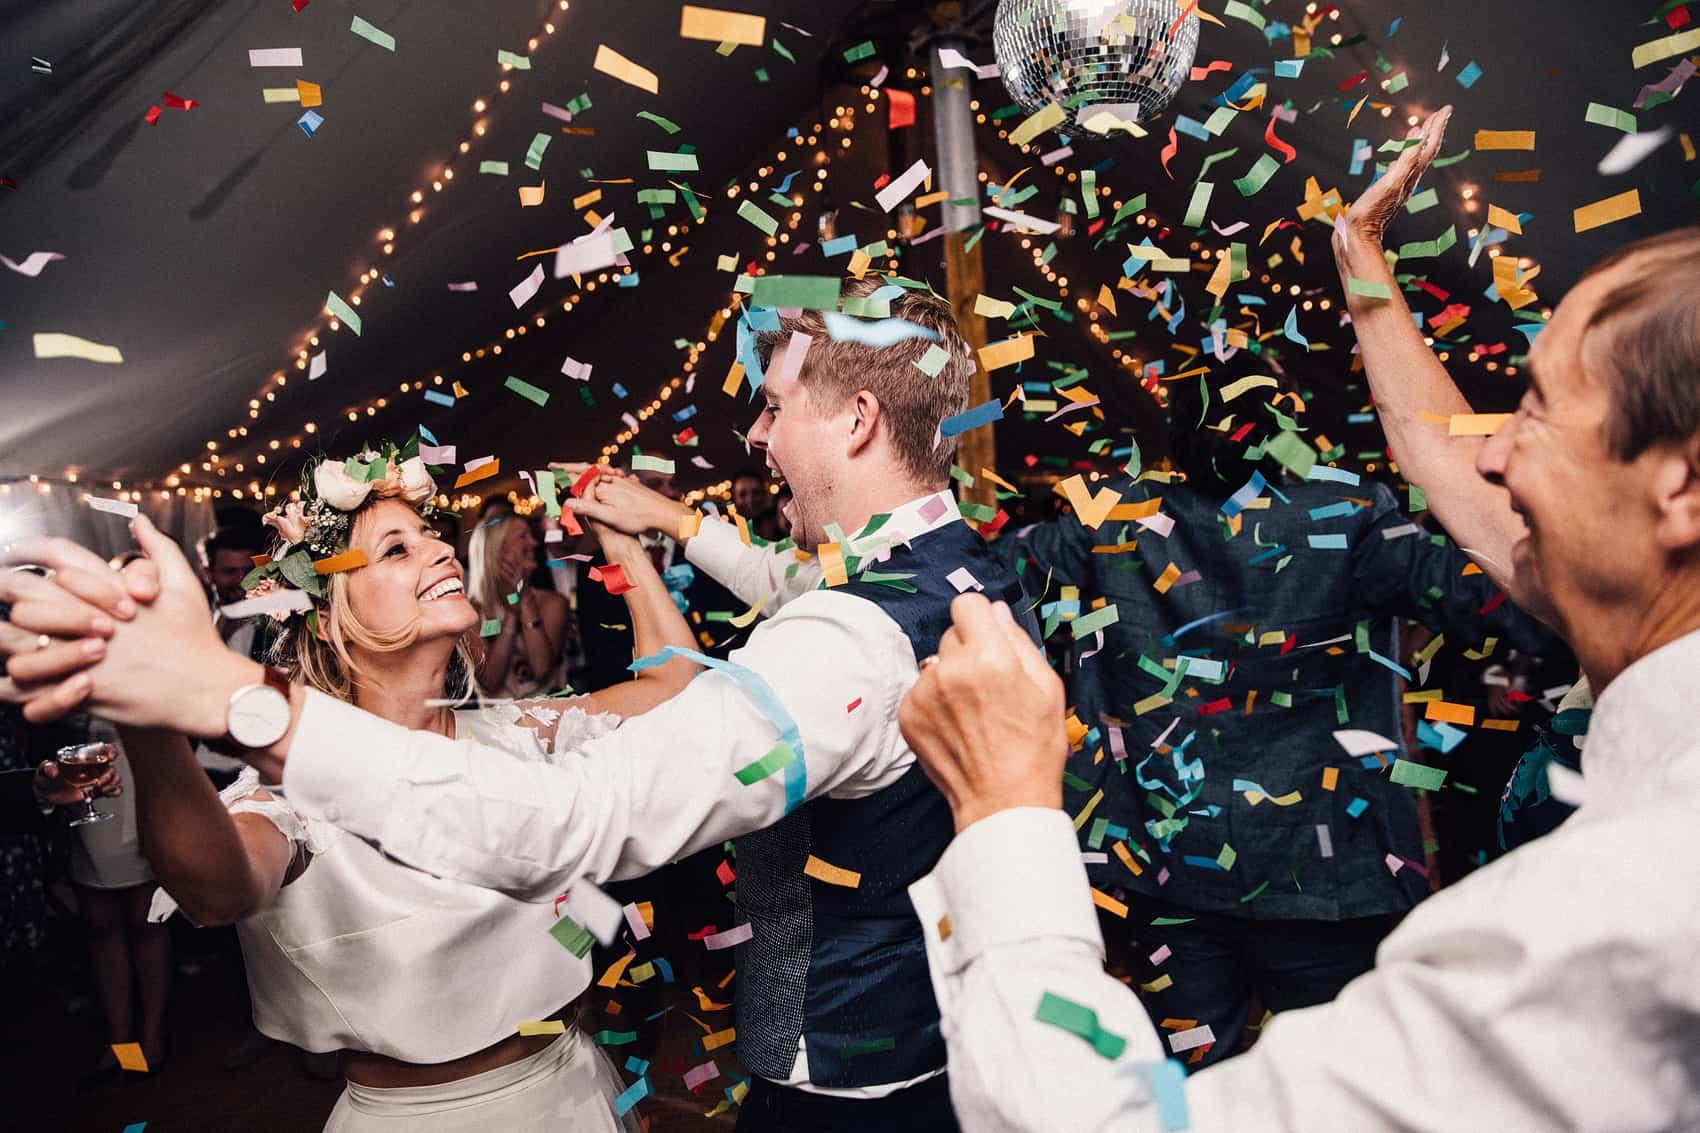 confetti canon wedding picture